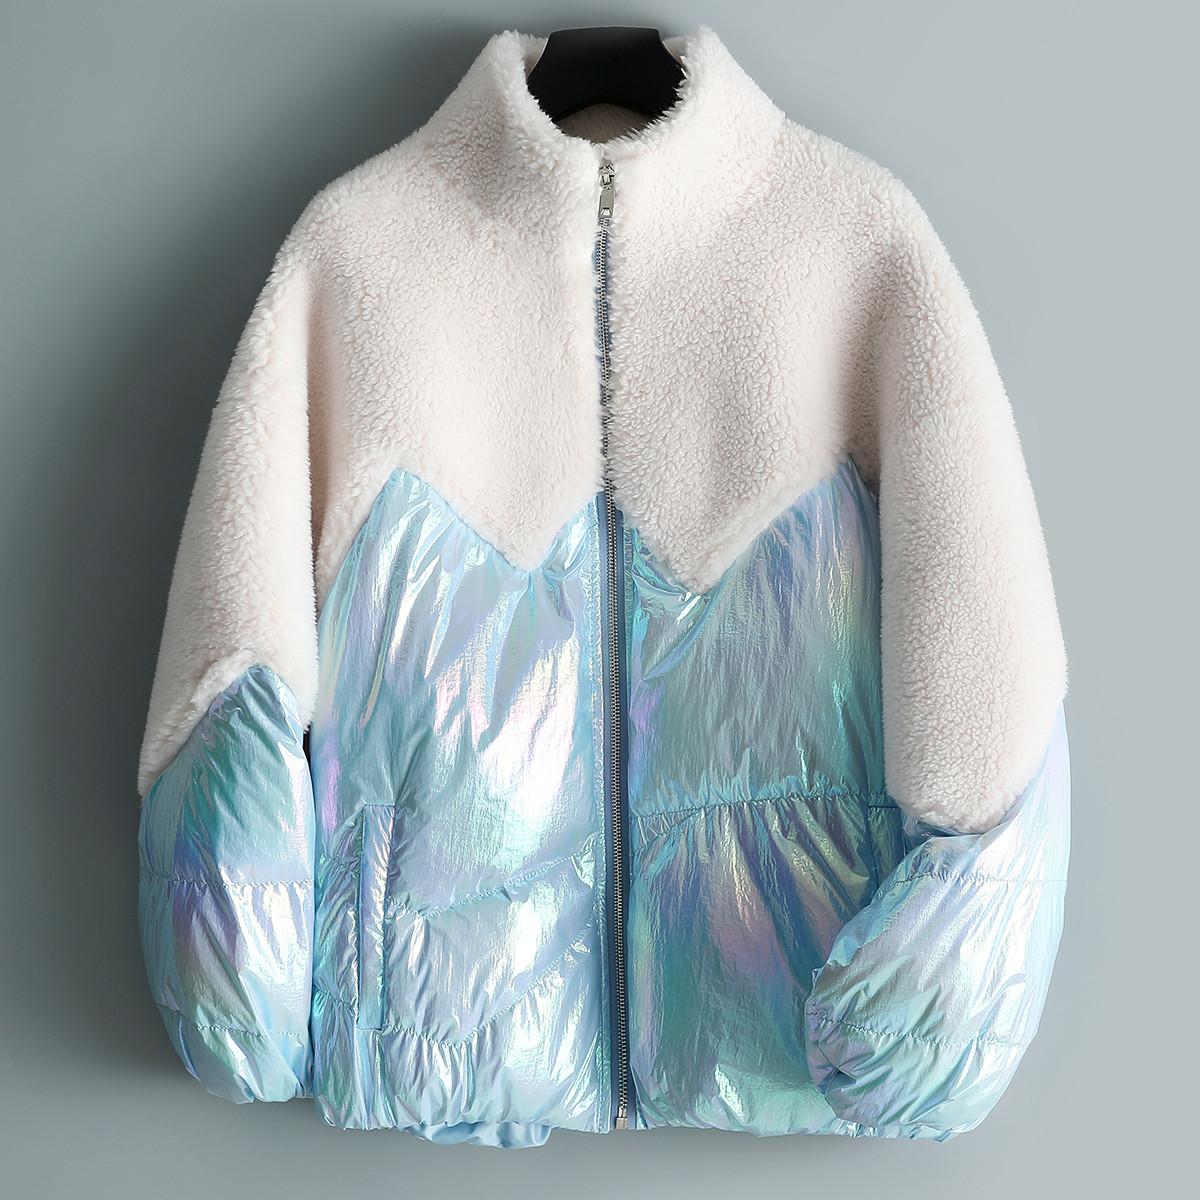 兰奥女式时尚立领拉链羽绒拼接大颗粒复合皮毛一体羊毛皮草外套TLR2565白混蓝